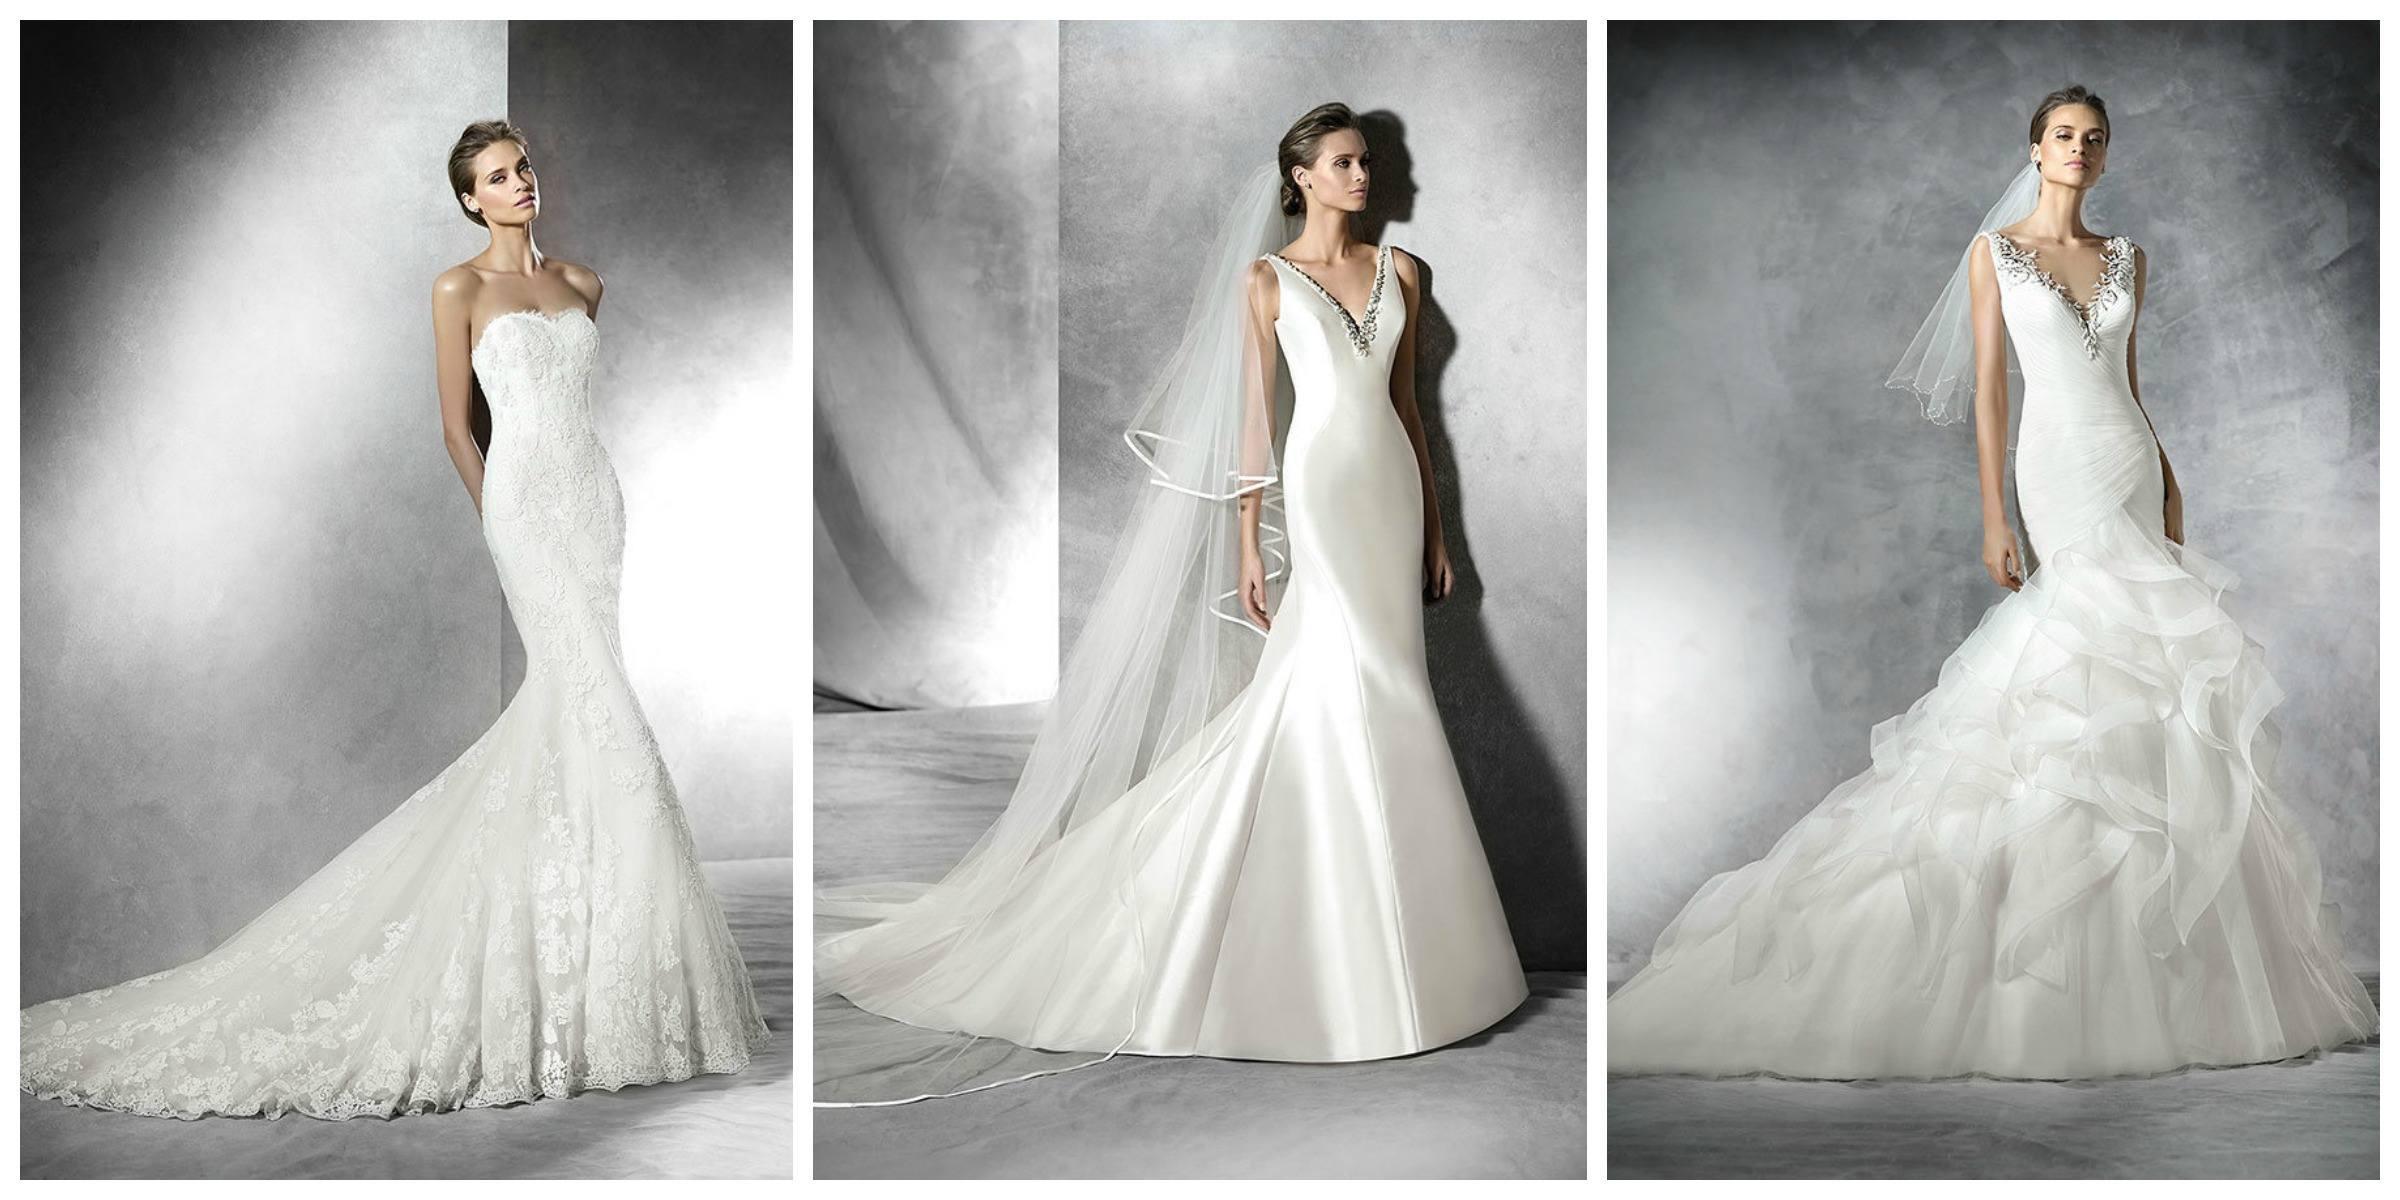 d7cb64b56edc Pronovias abiti da sposa collezione 2016 - Lei Trendy